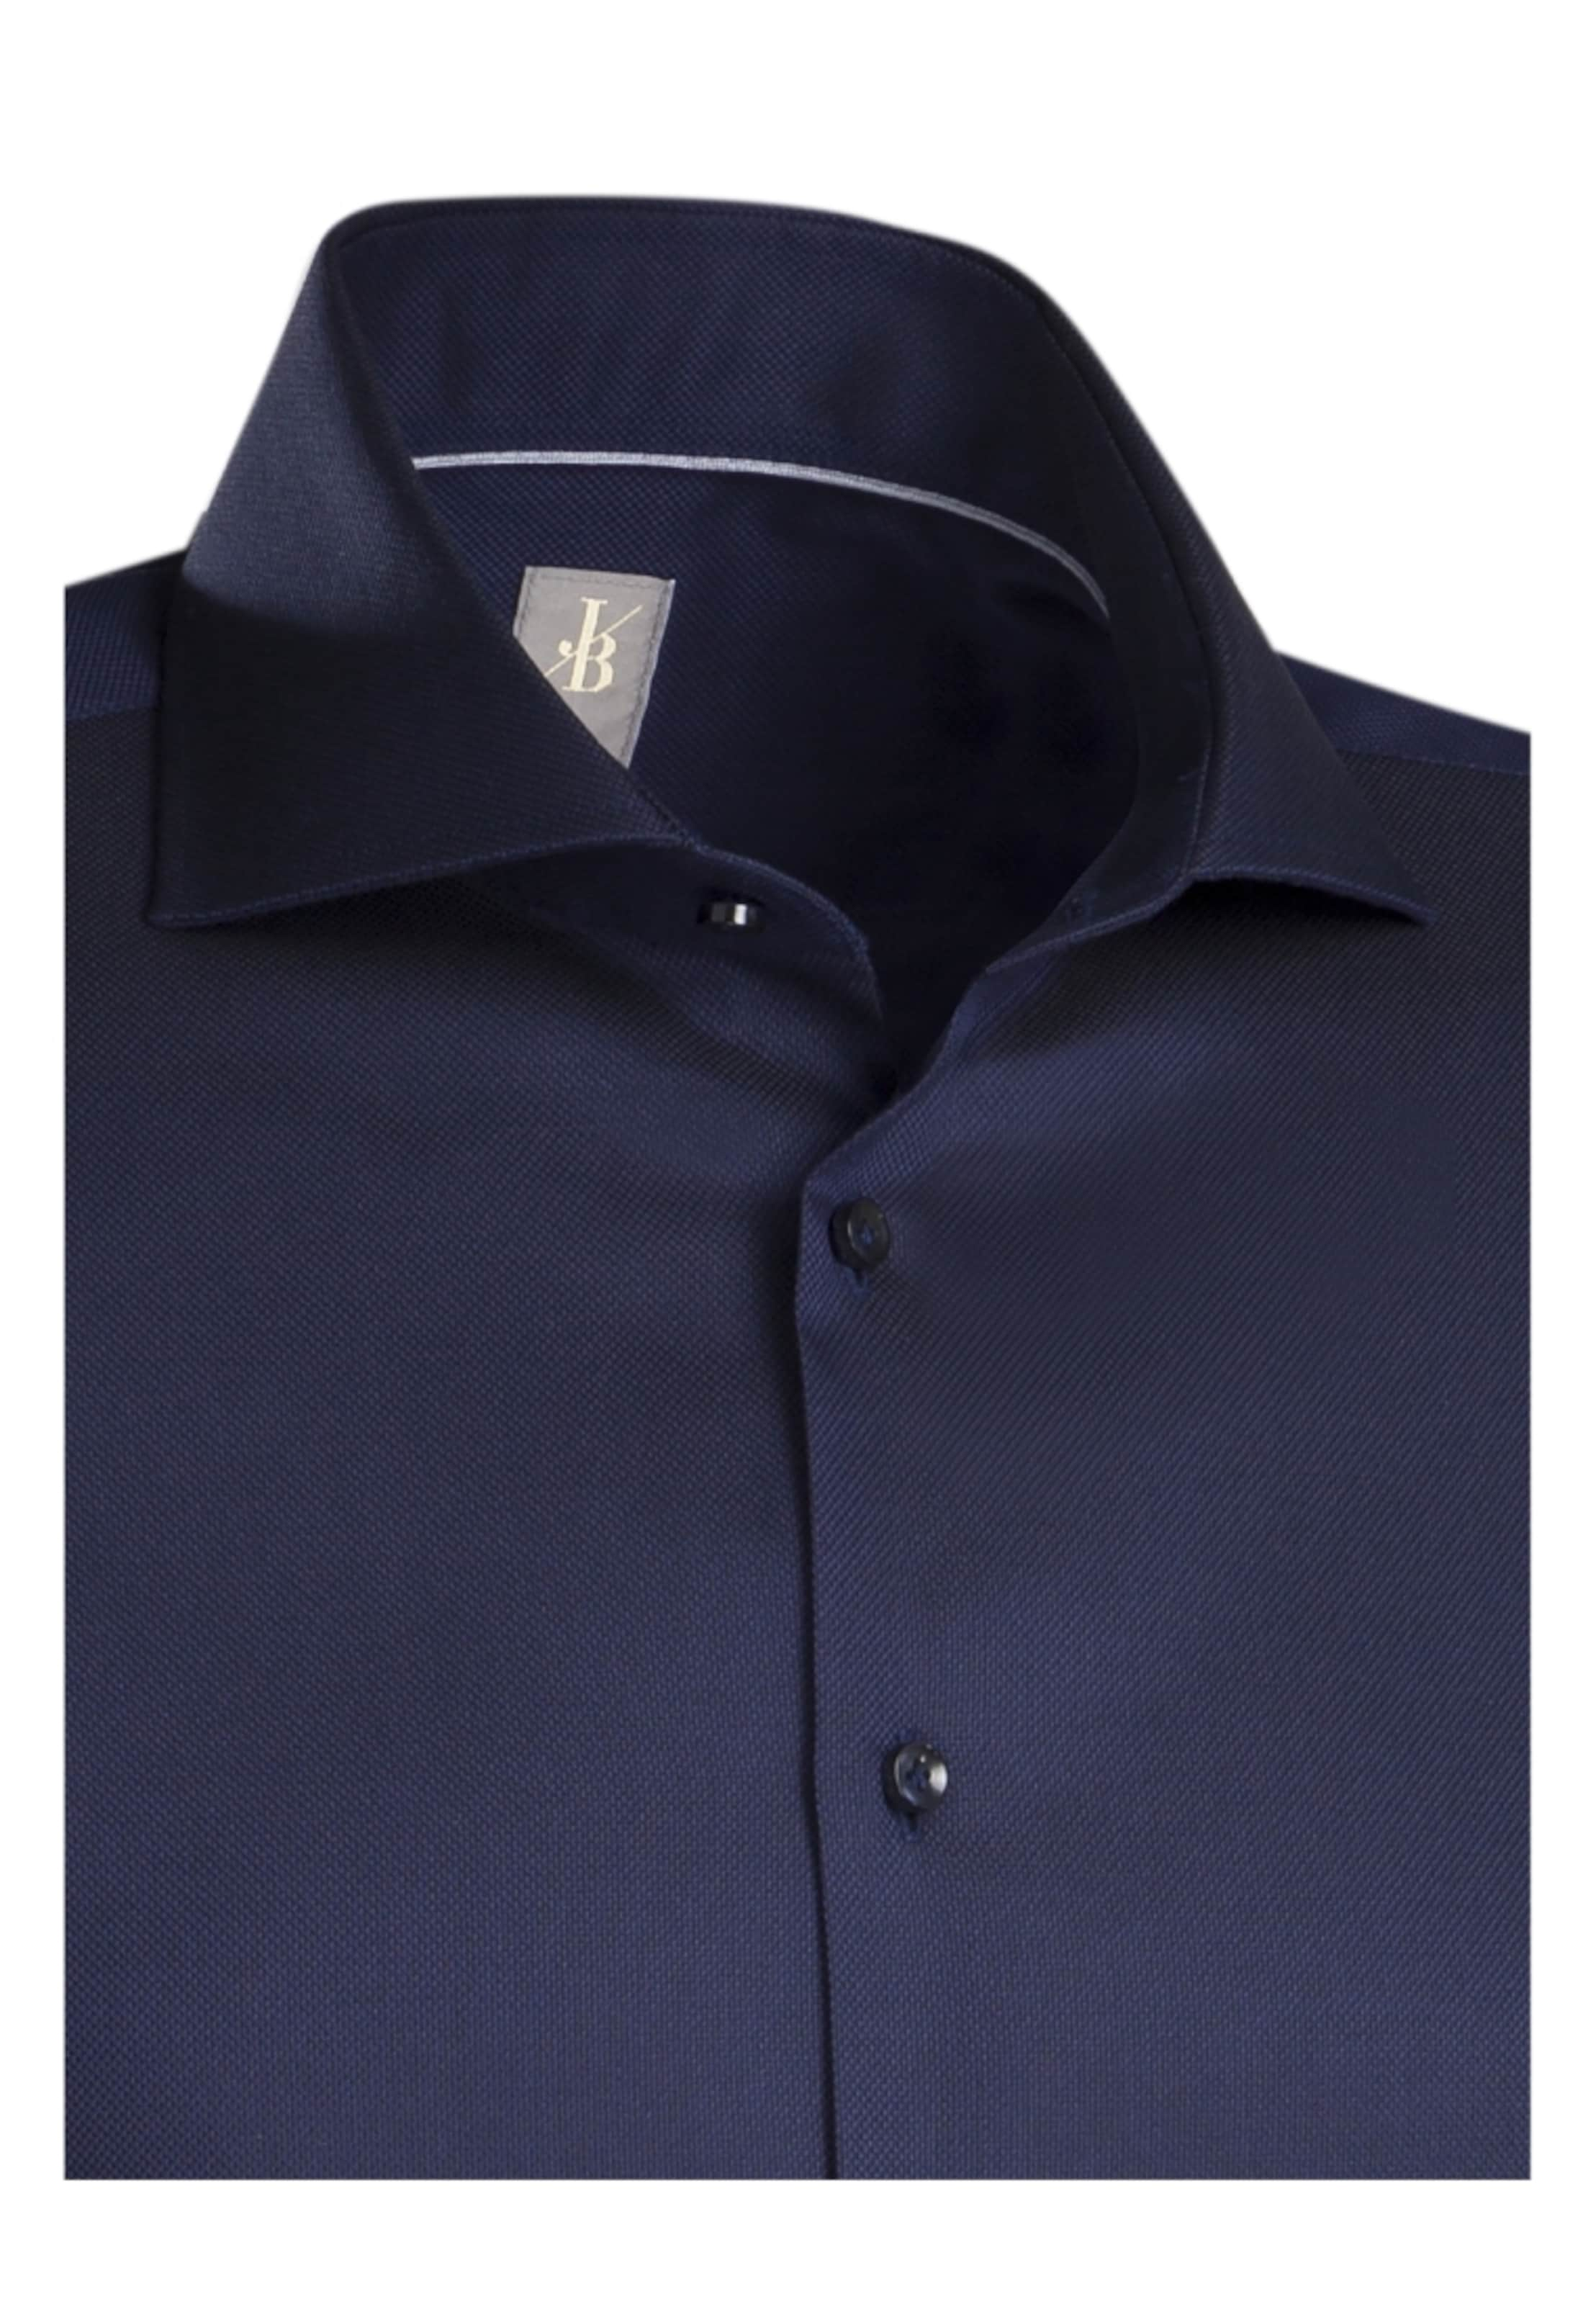 Jacques Britt City-Hemd ' Slim Fit ' Discount-Marke Neue Unisex Rabatt Finish Viele Arten Von Online-Verkauf 8DxCEZP3t